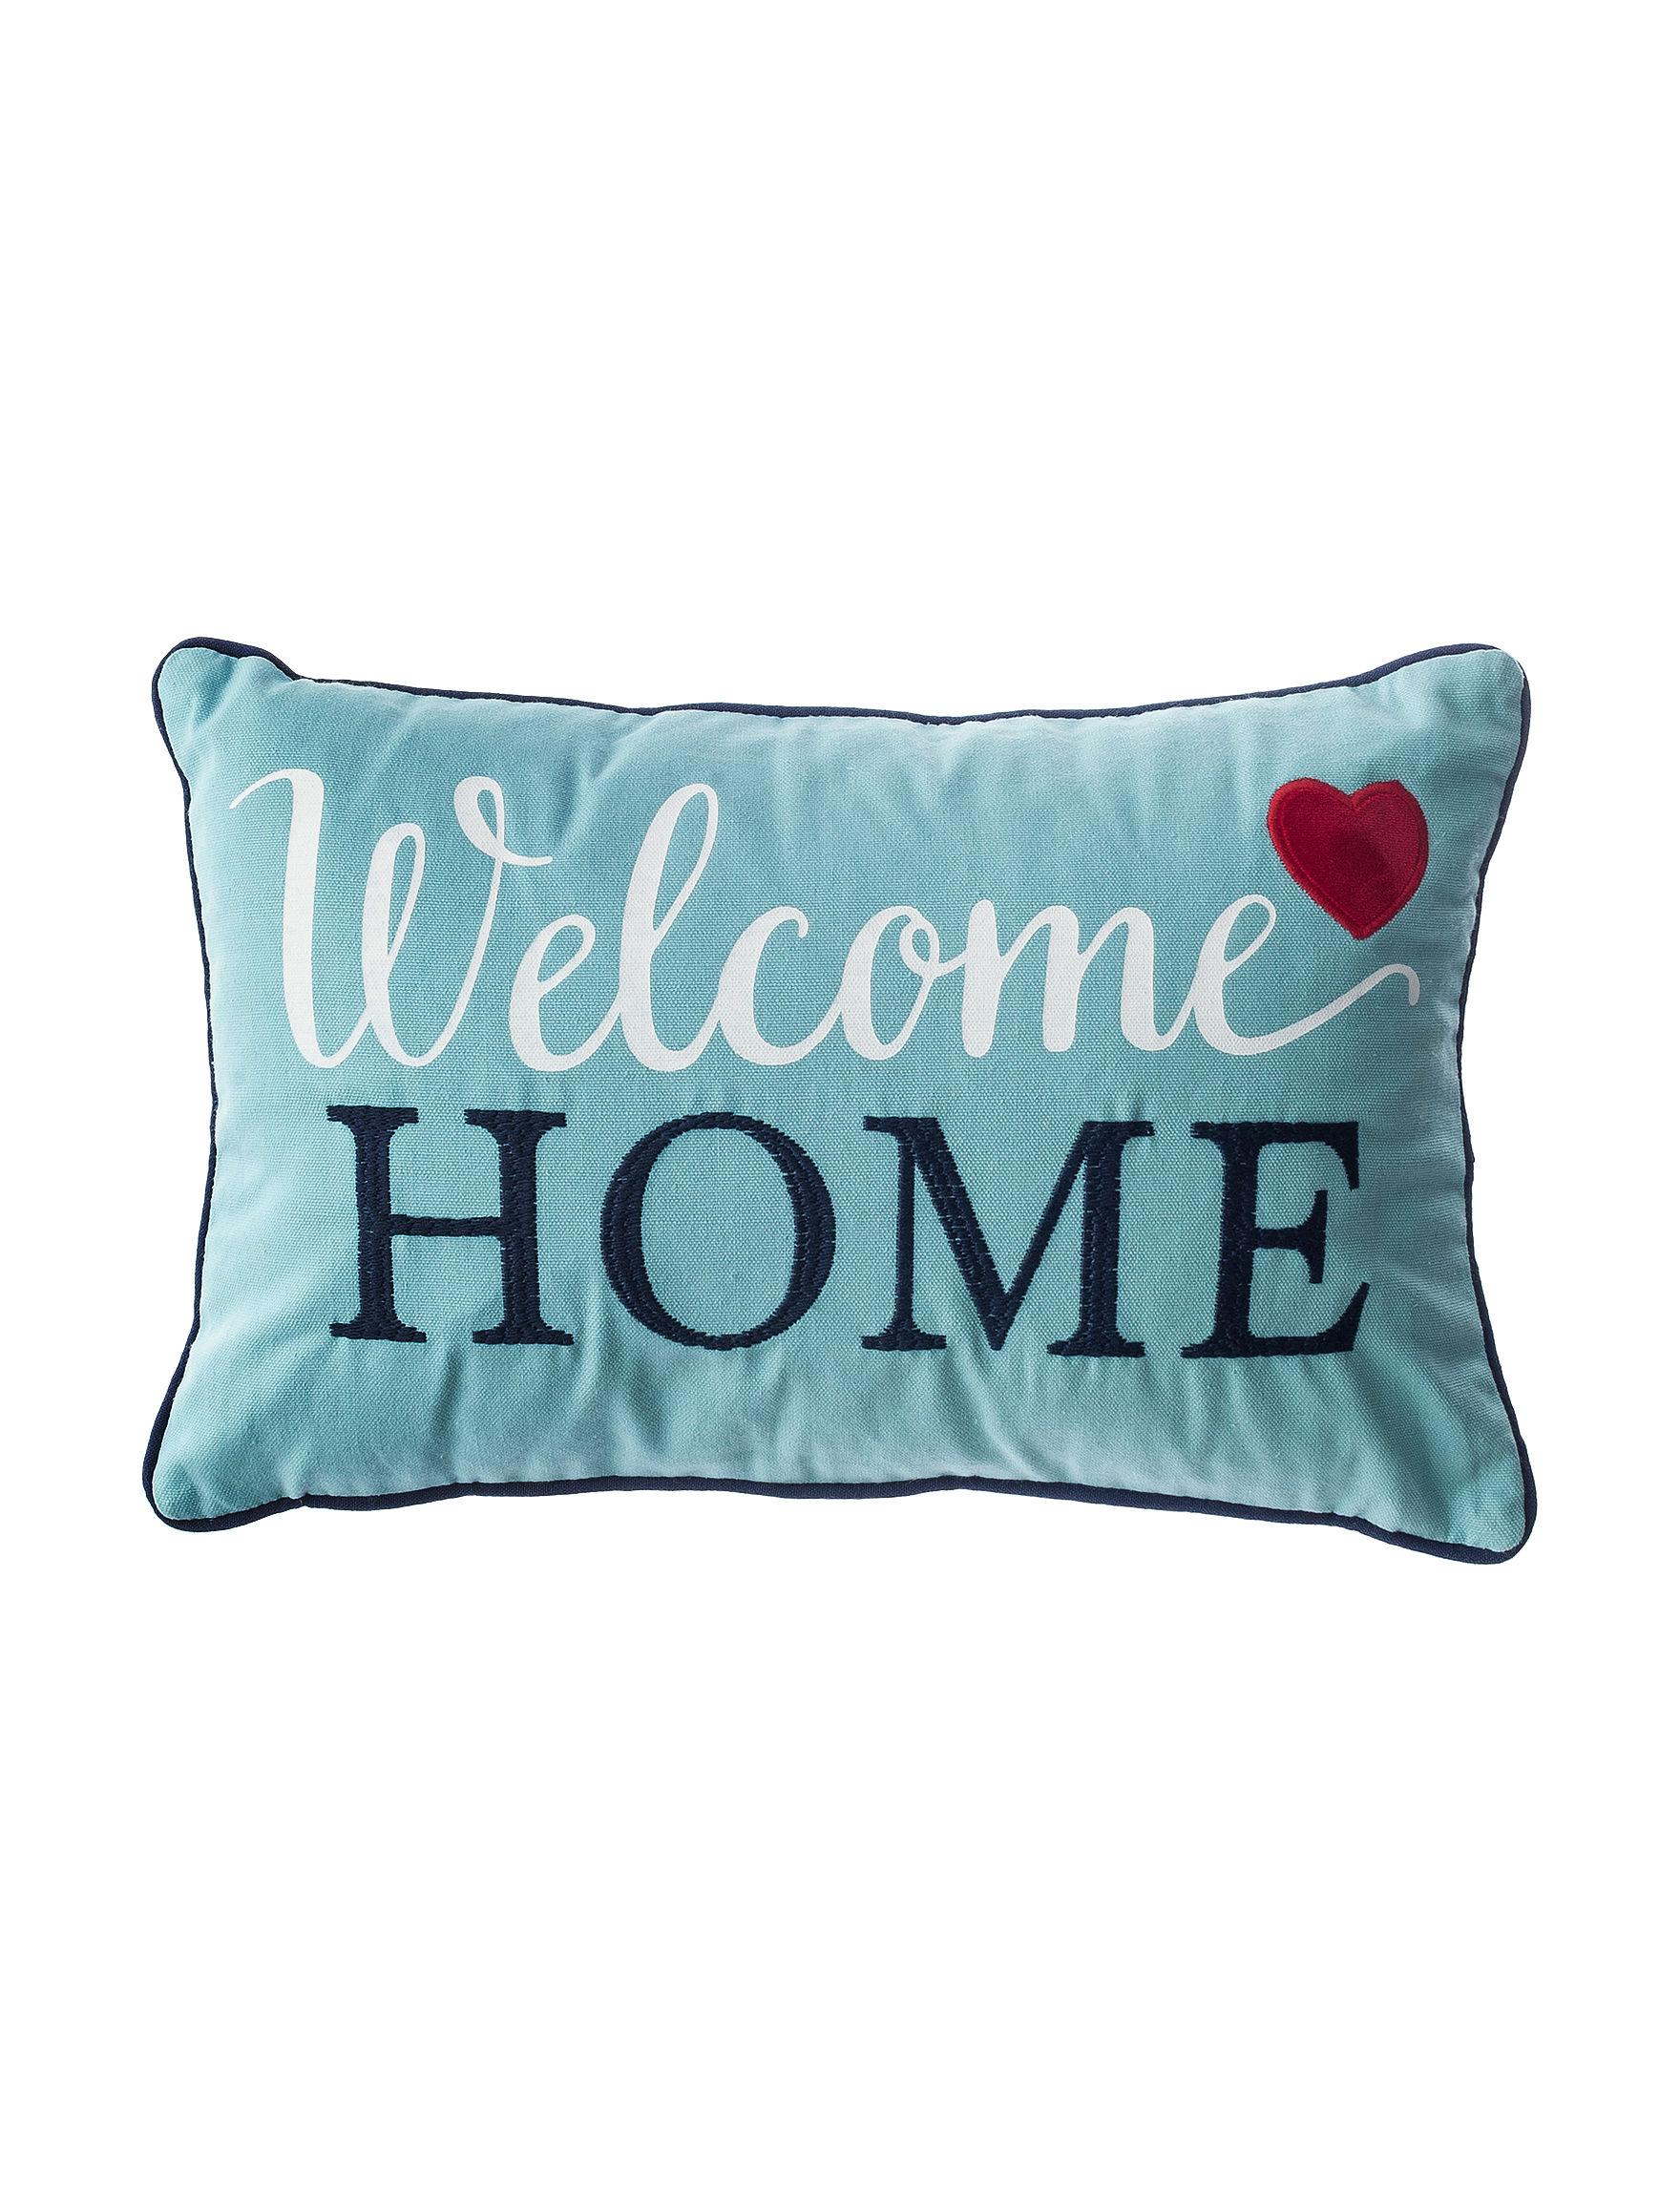 Welcome Home Throw Pillow : Enchante